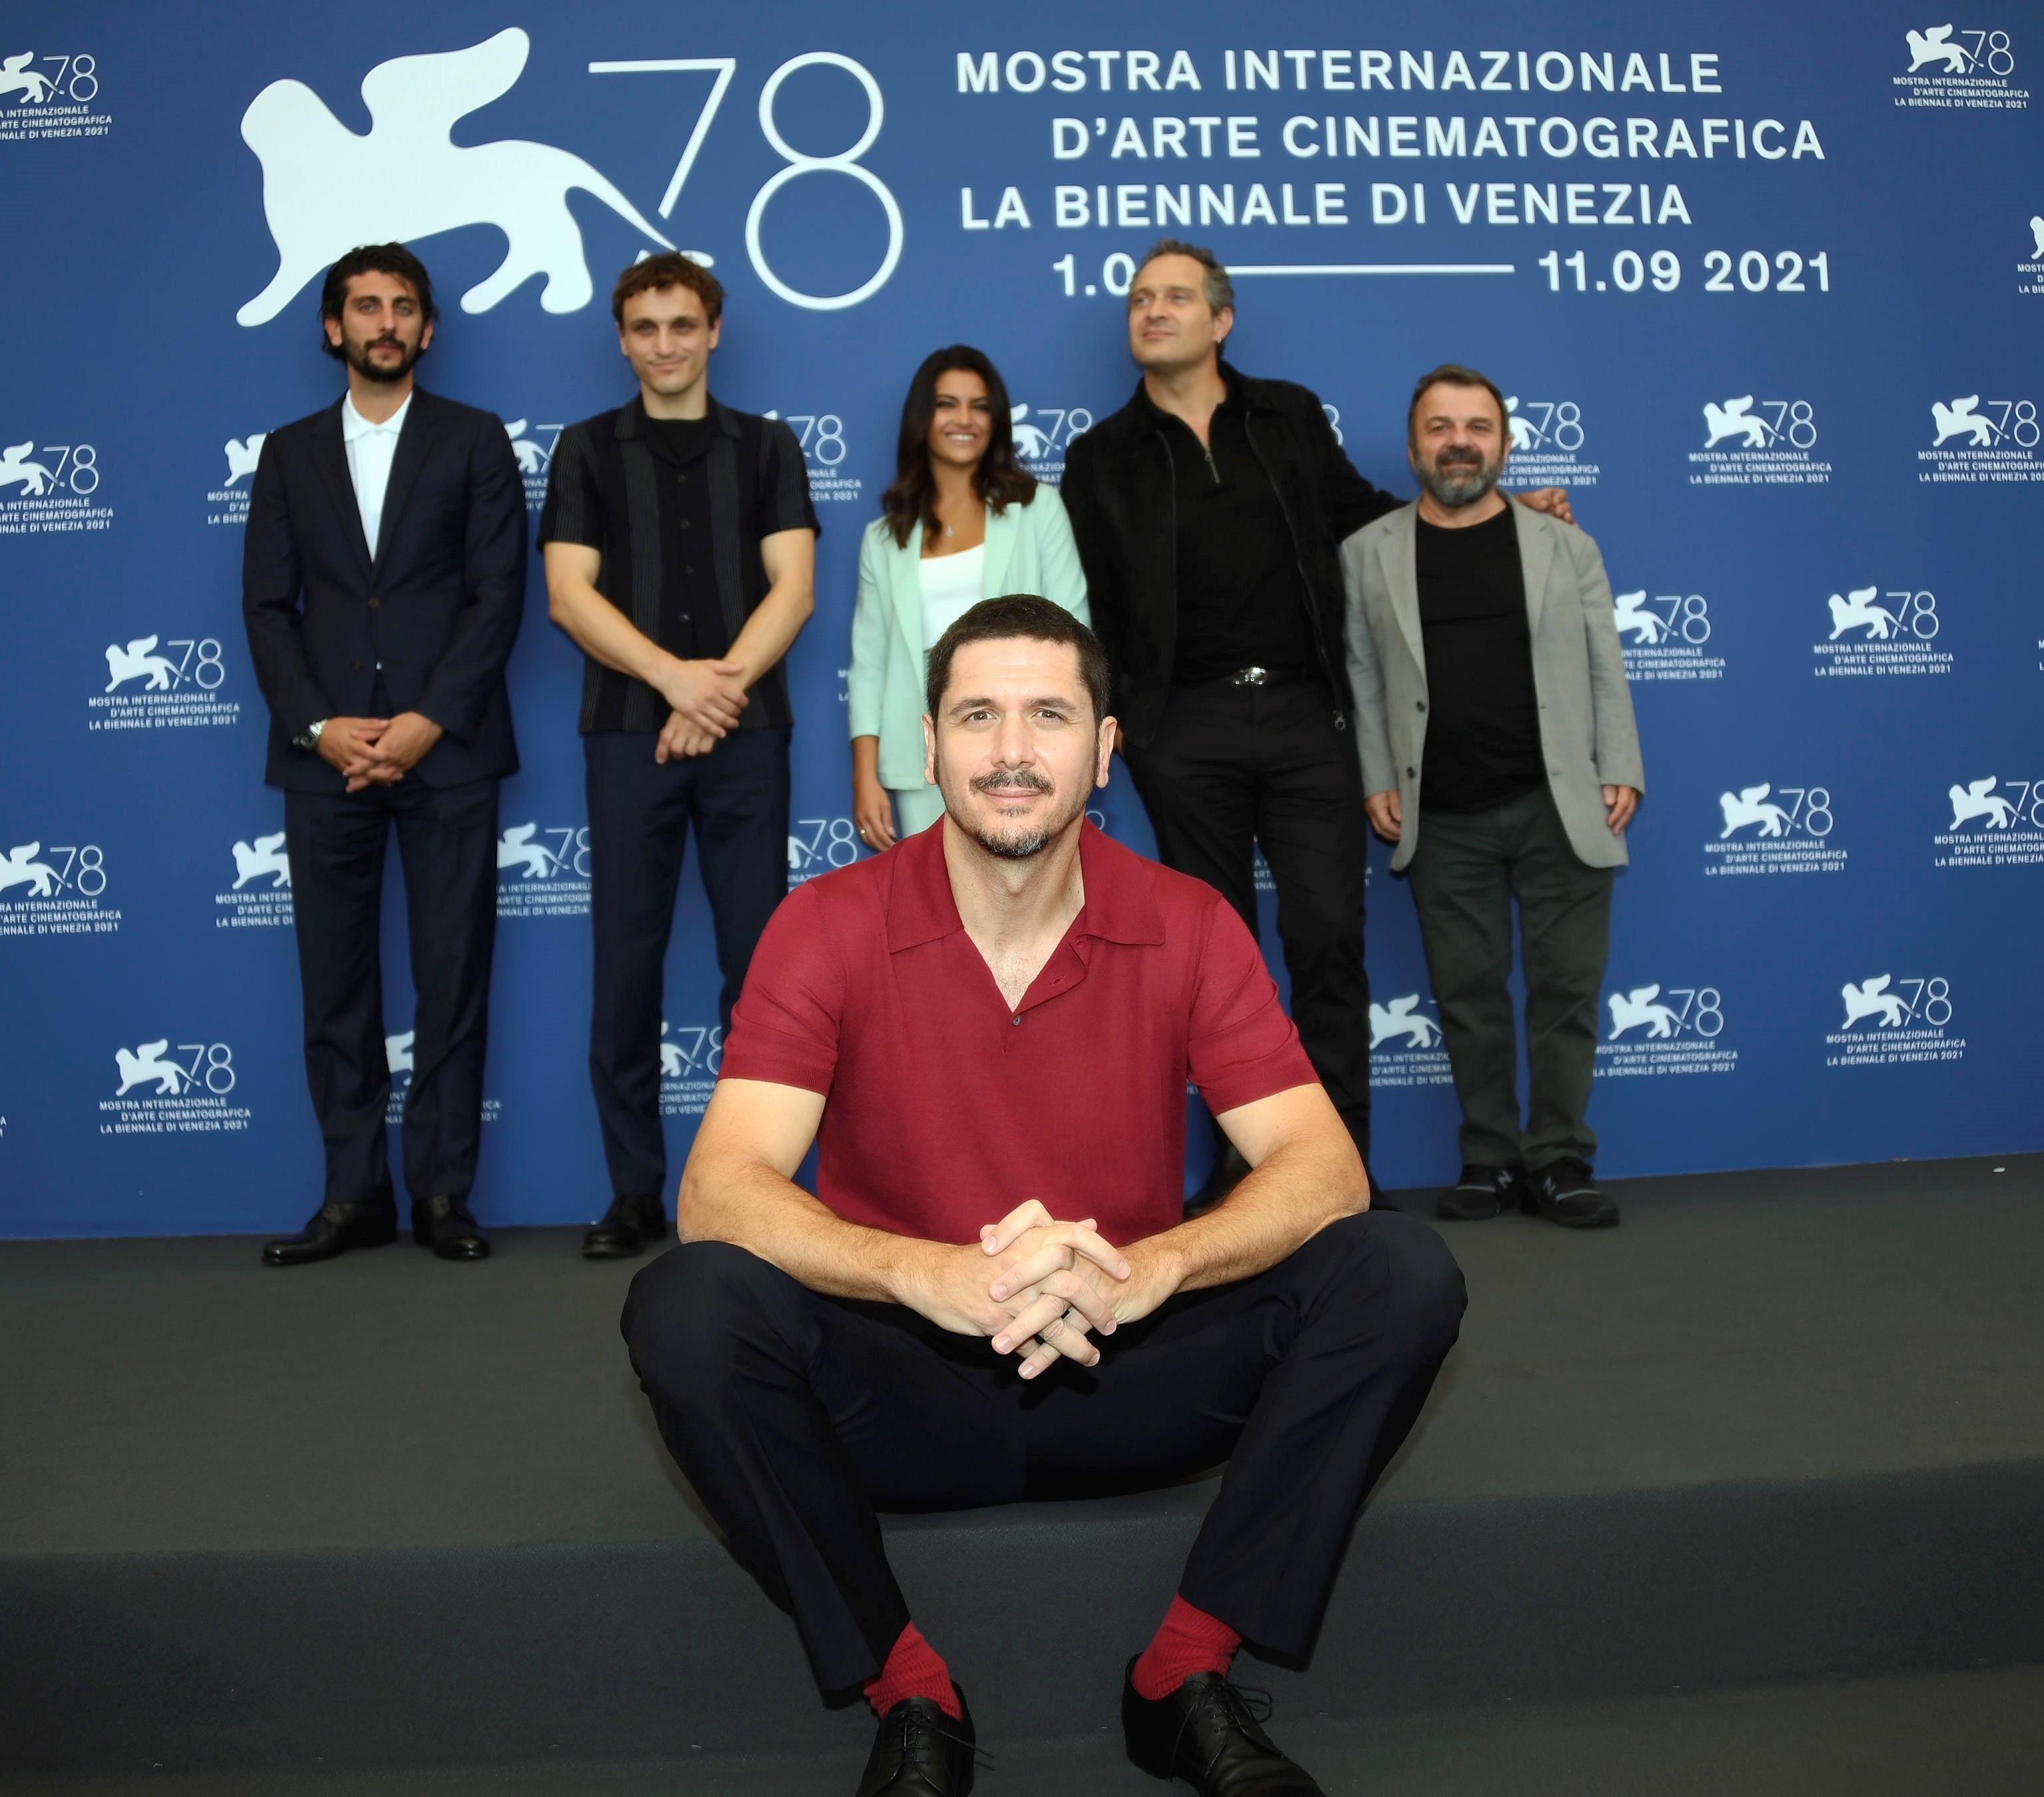 Pietro Castellitto, Franz Rogowski, Aurora Giovinazzo, el director Gabriele Mainetti (delante), Claudio Santamaria y Giancarlo Martini en la presentación de 'Freaks out'.